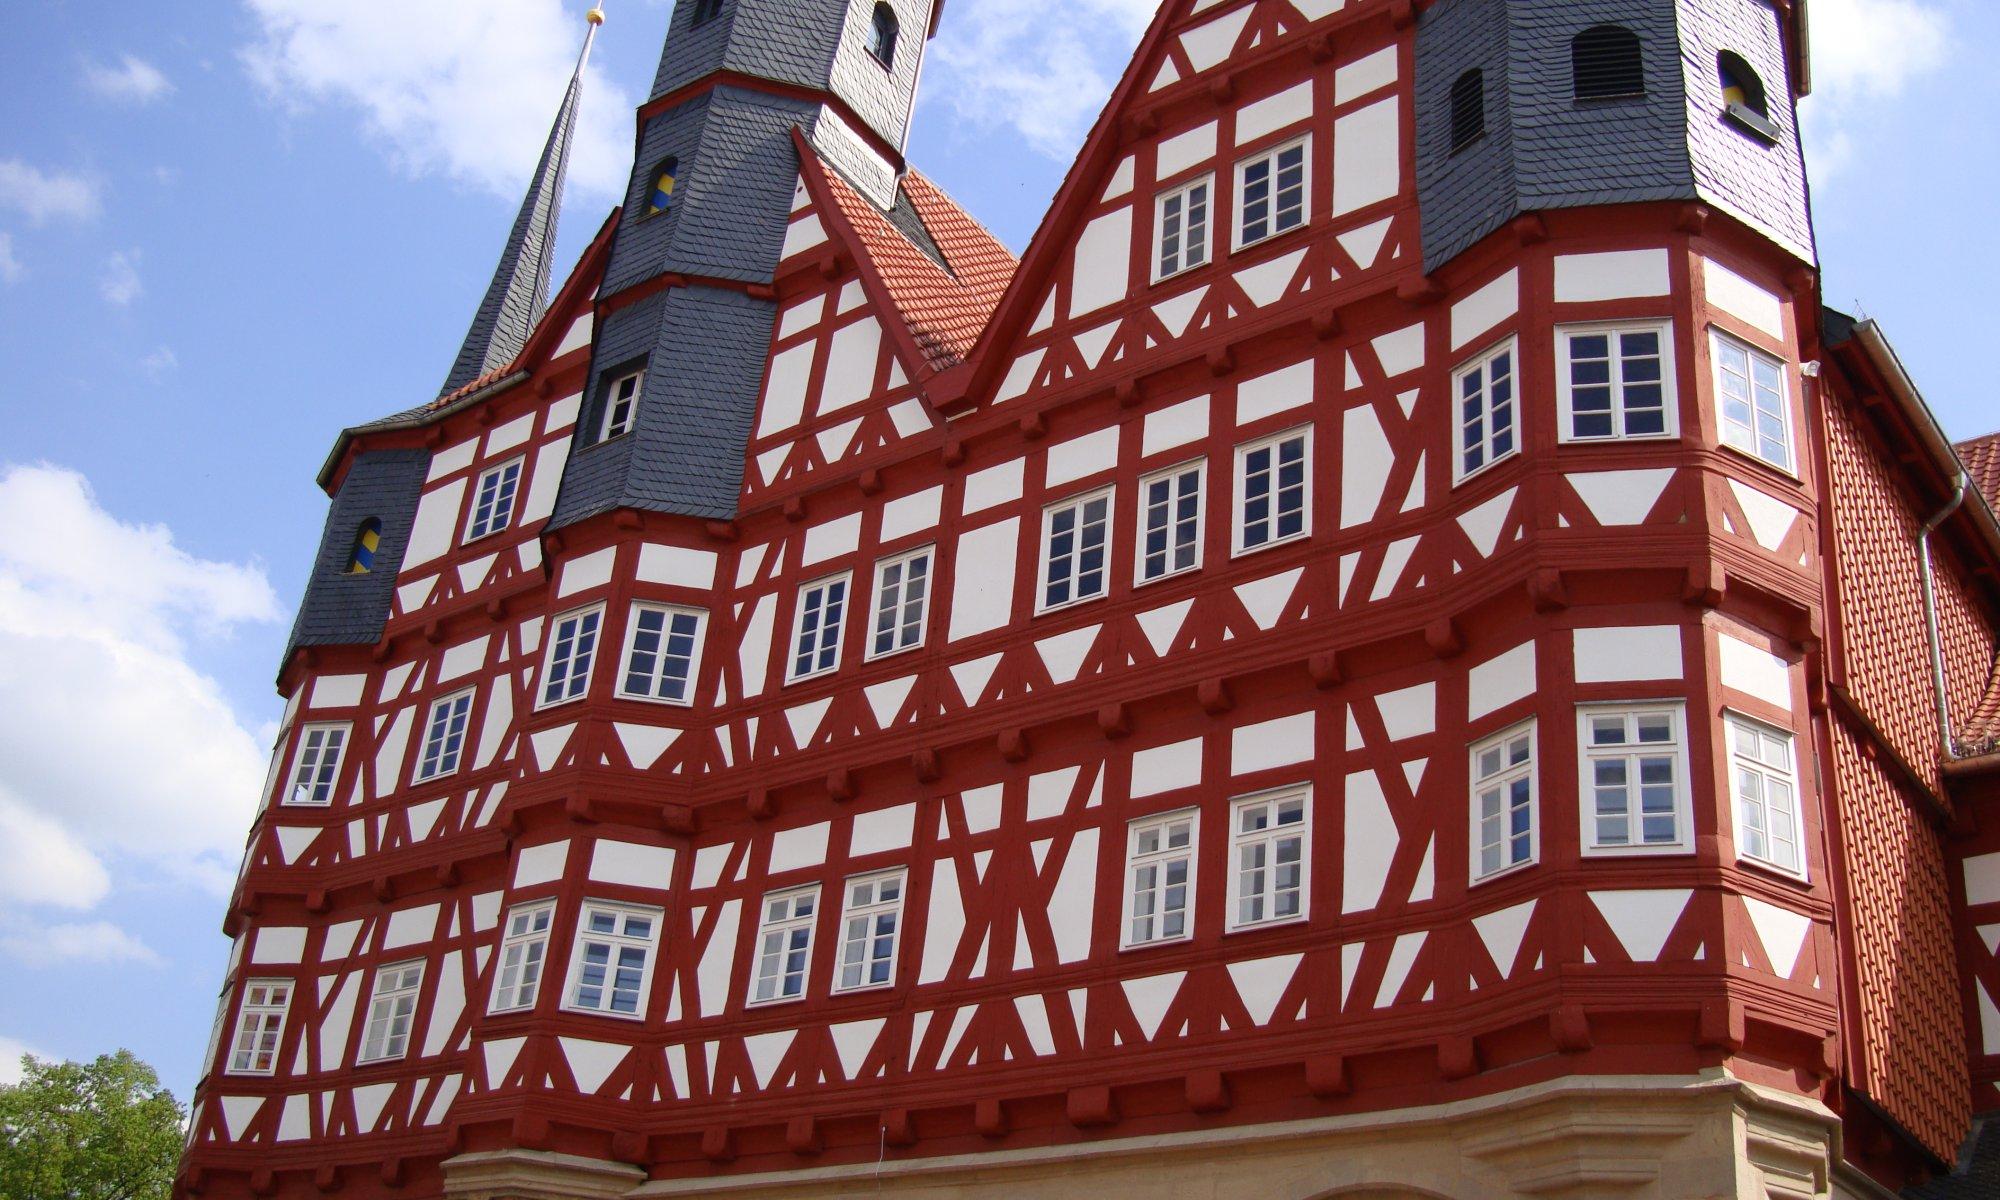 Rathaus, Duderstadt